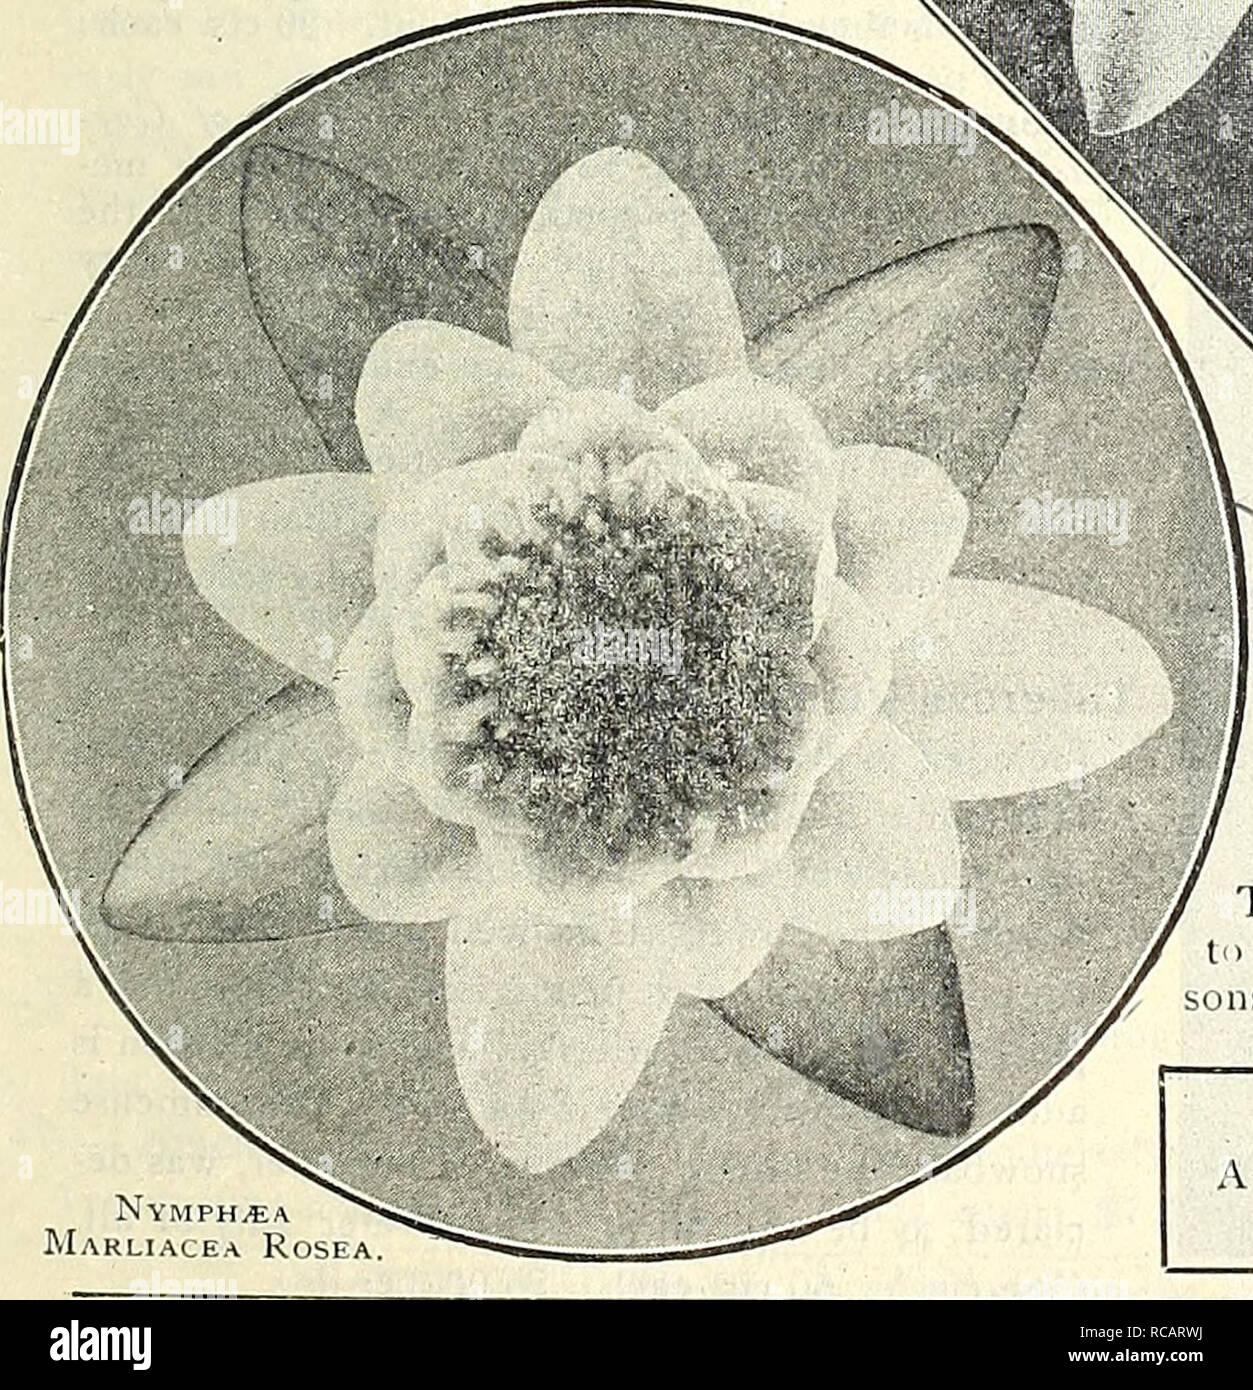 4a74c2daa57 Dreer's 1838 1908 garden book. Seeds Catalogs; Nursery stock Catalogs;  Gardening Equipment .